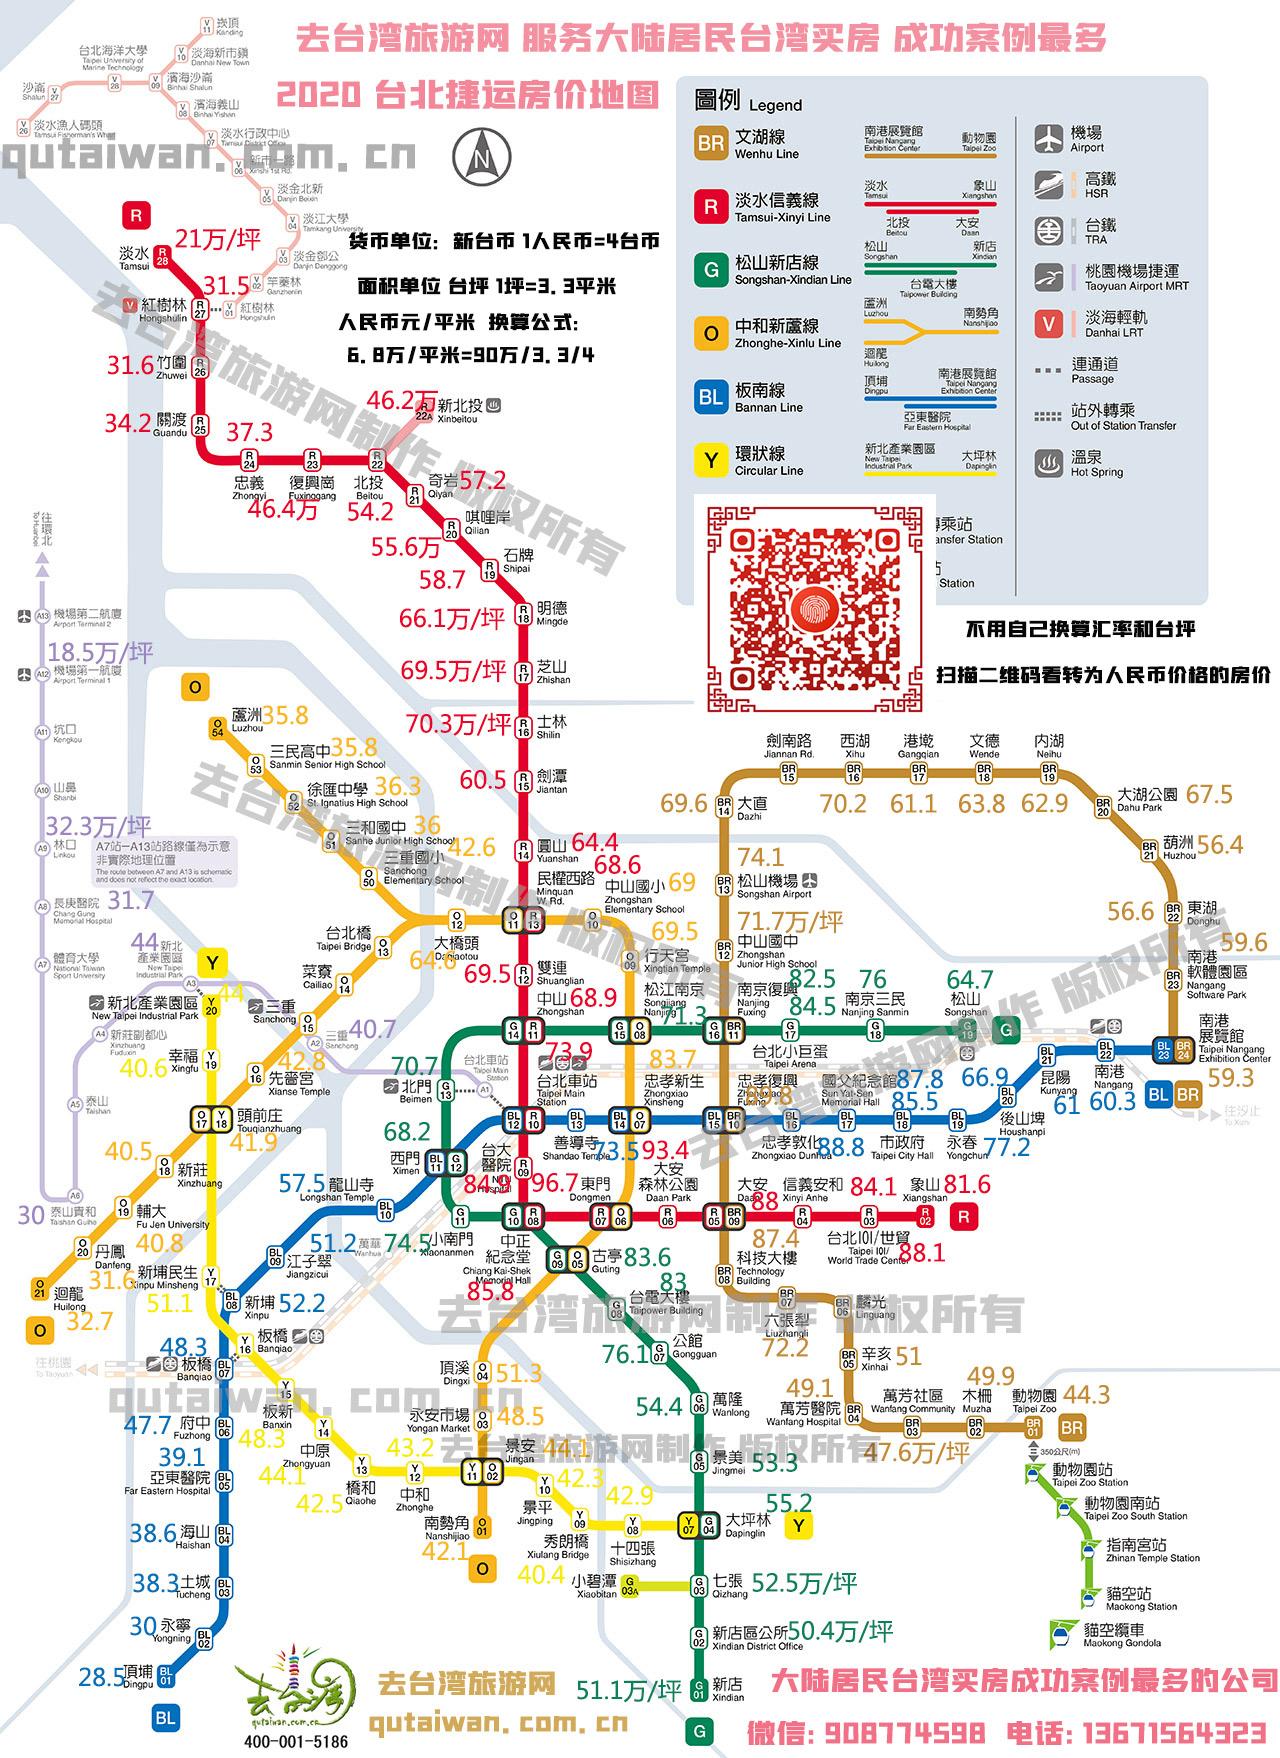 2020年台北捷运房价图